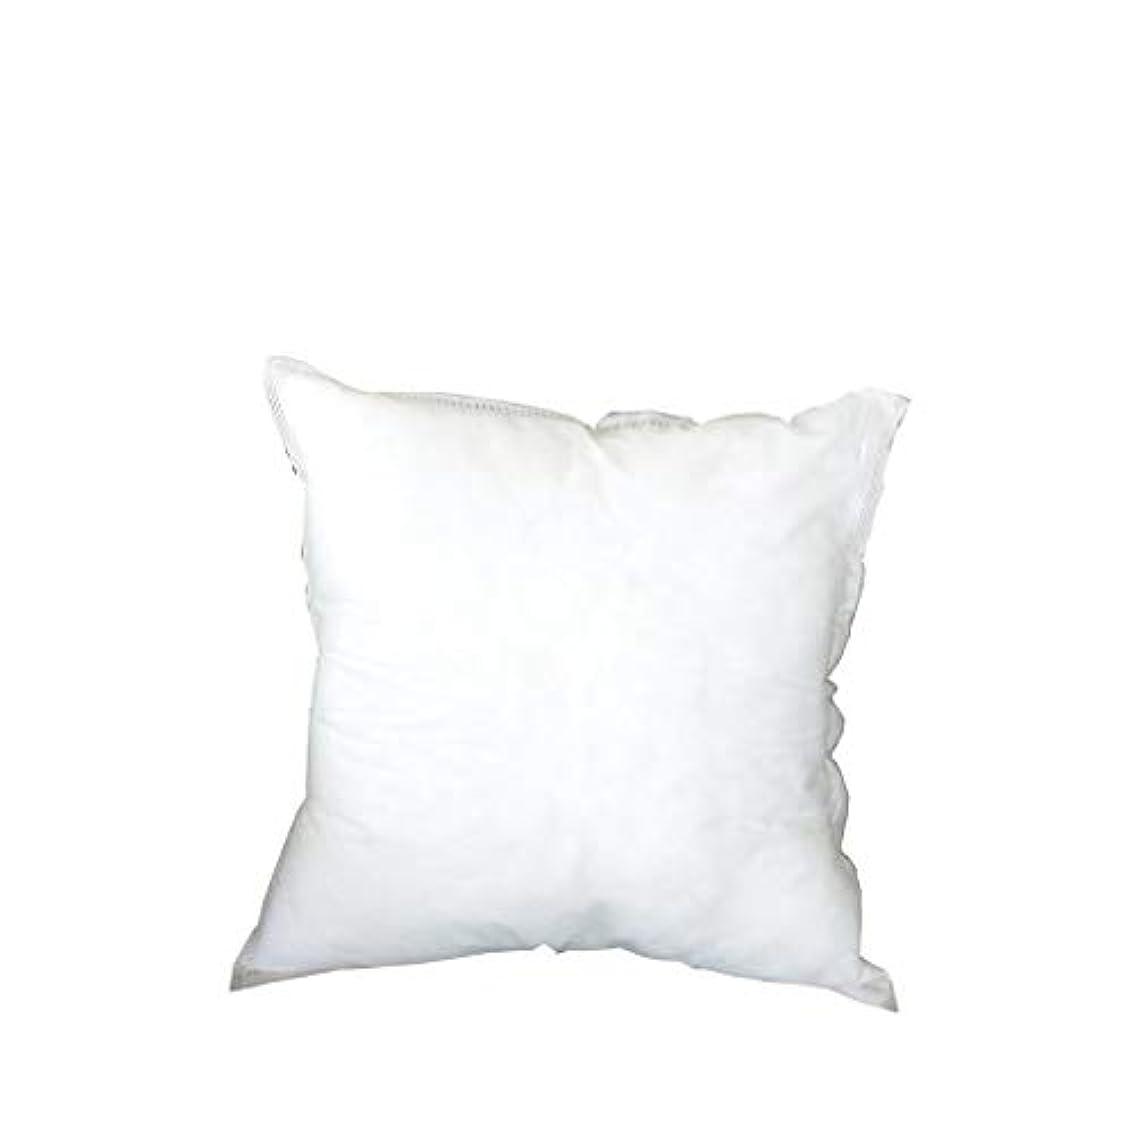 説得すき委任LIFE 寝具正方形 PP 綿枕インテリア家の装飾白 45 × 45 車のソファチェアクッション coussin decoratif 新 クッション 椅子